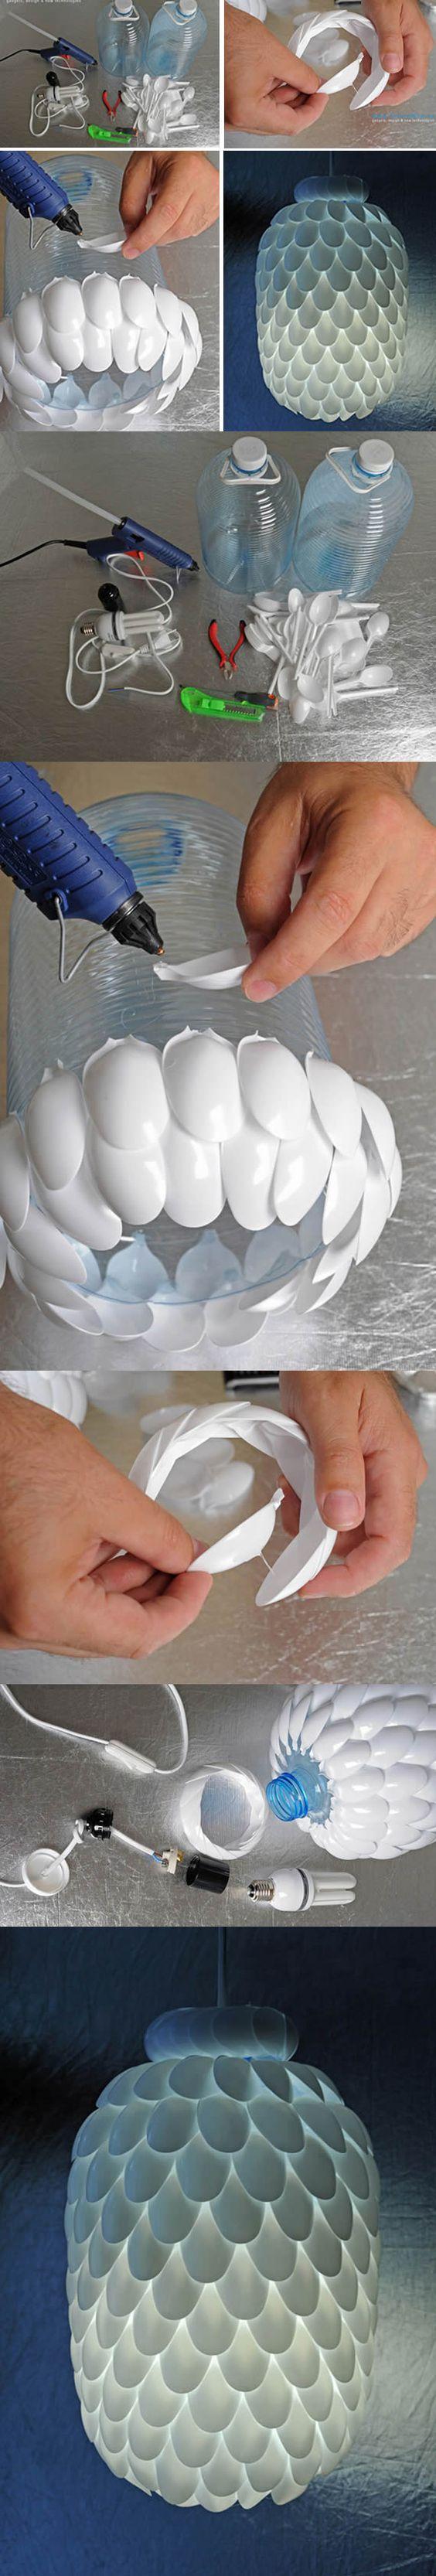 lampara-de-plastico-con-cucharas